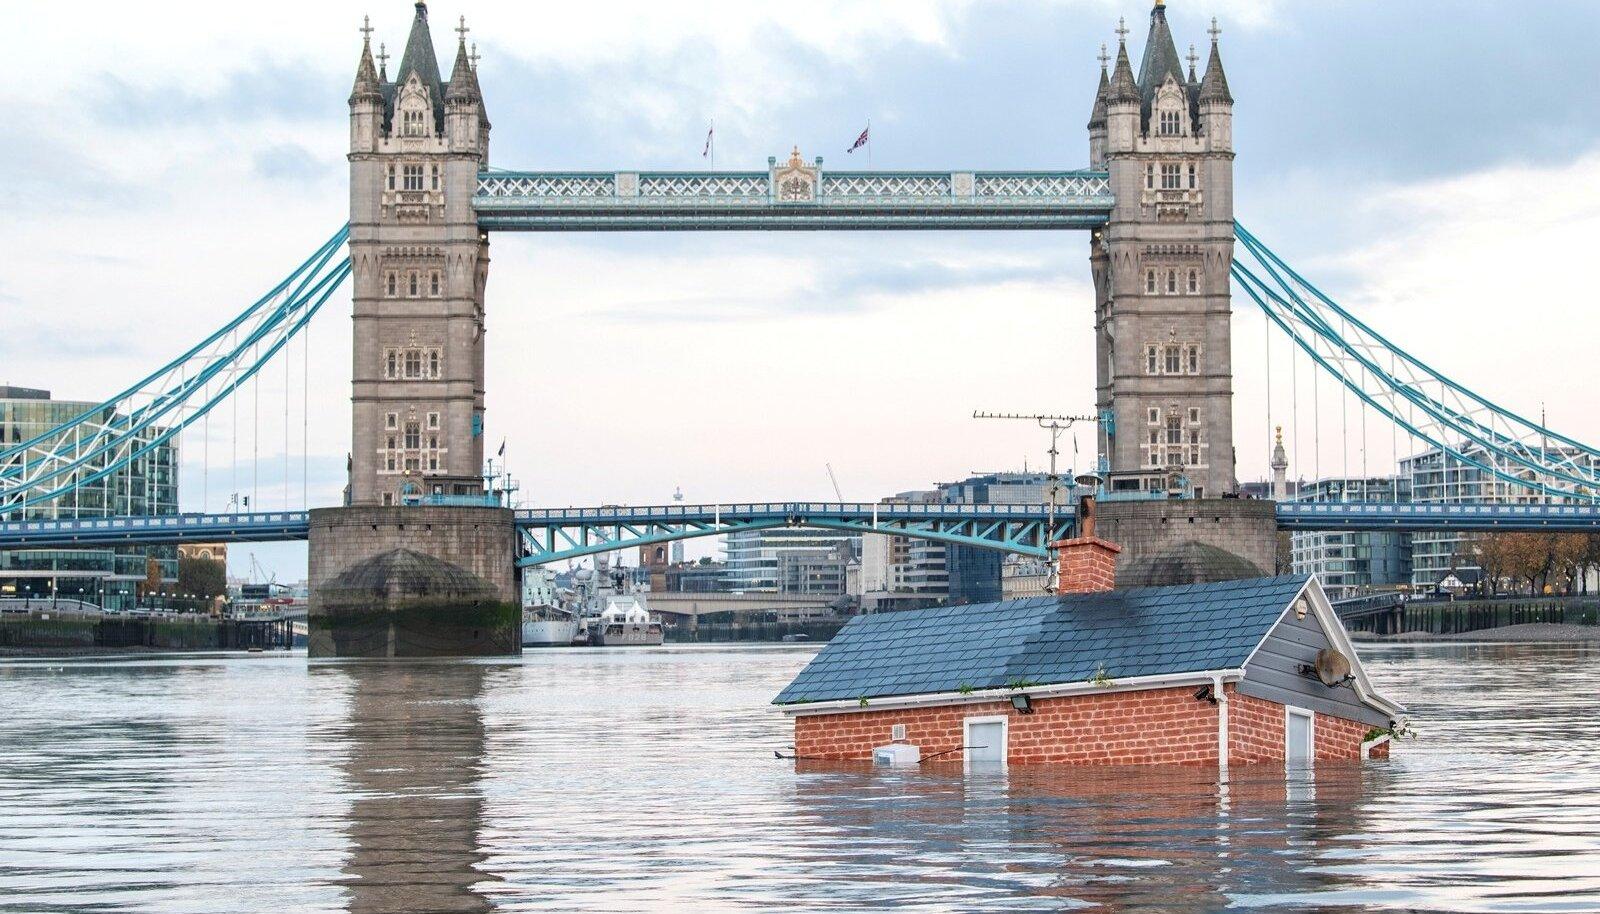 Extinction Rebellion saatis mööda Thamesi jõge hulpima klassikalise Briti maja, et kujutada merevee taseme tõusu ohtu.